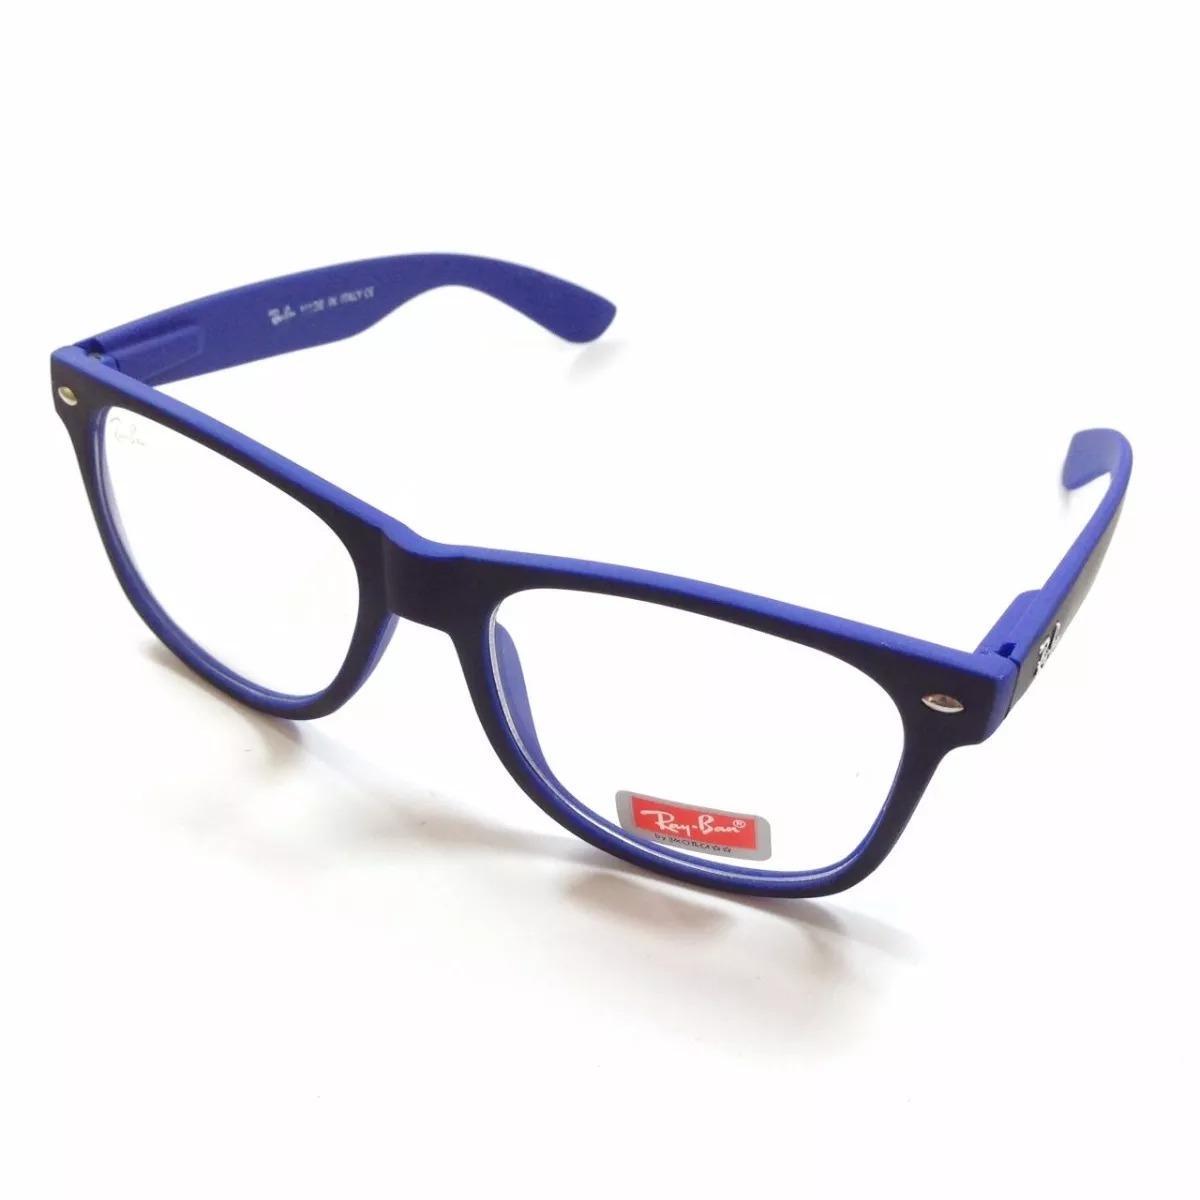 d8cee4209 armação estilo ray ban óculos grau quadrado unisexx barato. Carregando zoom.